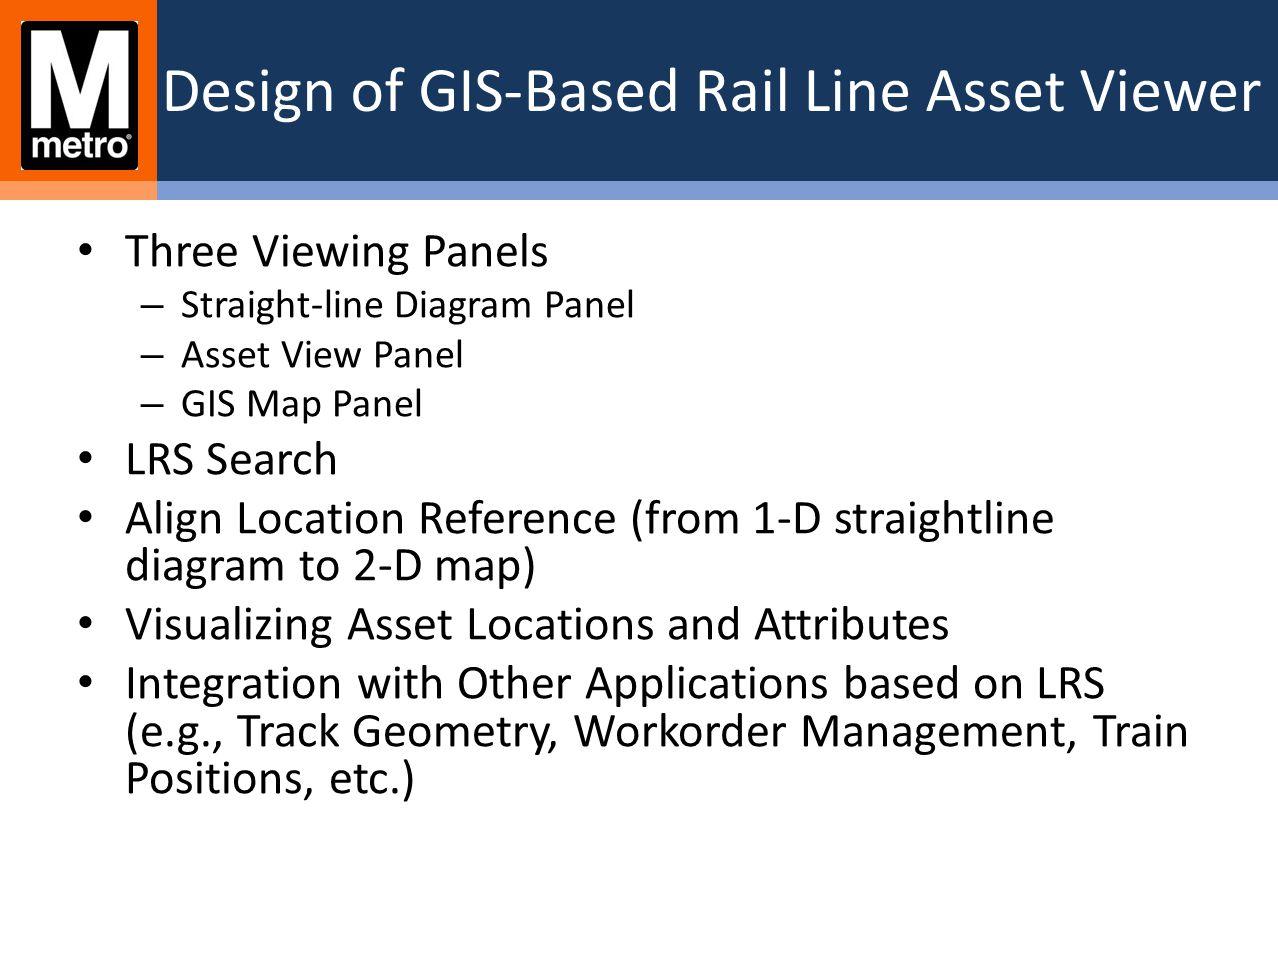 WMATA Rail Line Asset Viewer Interface GIS-Based Rail Line Asset Viewer